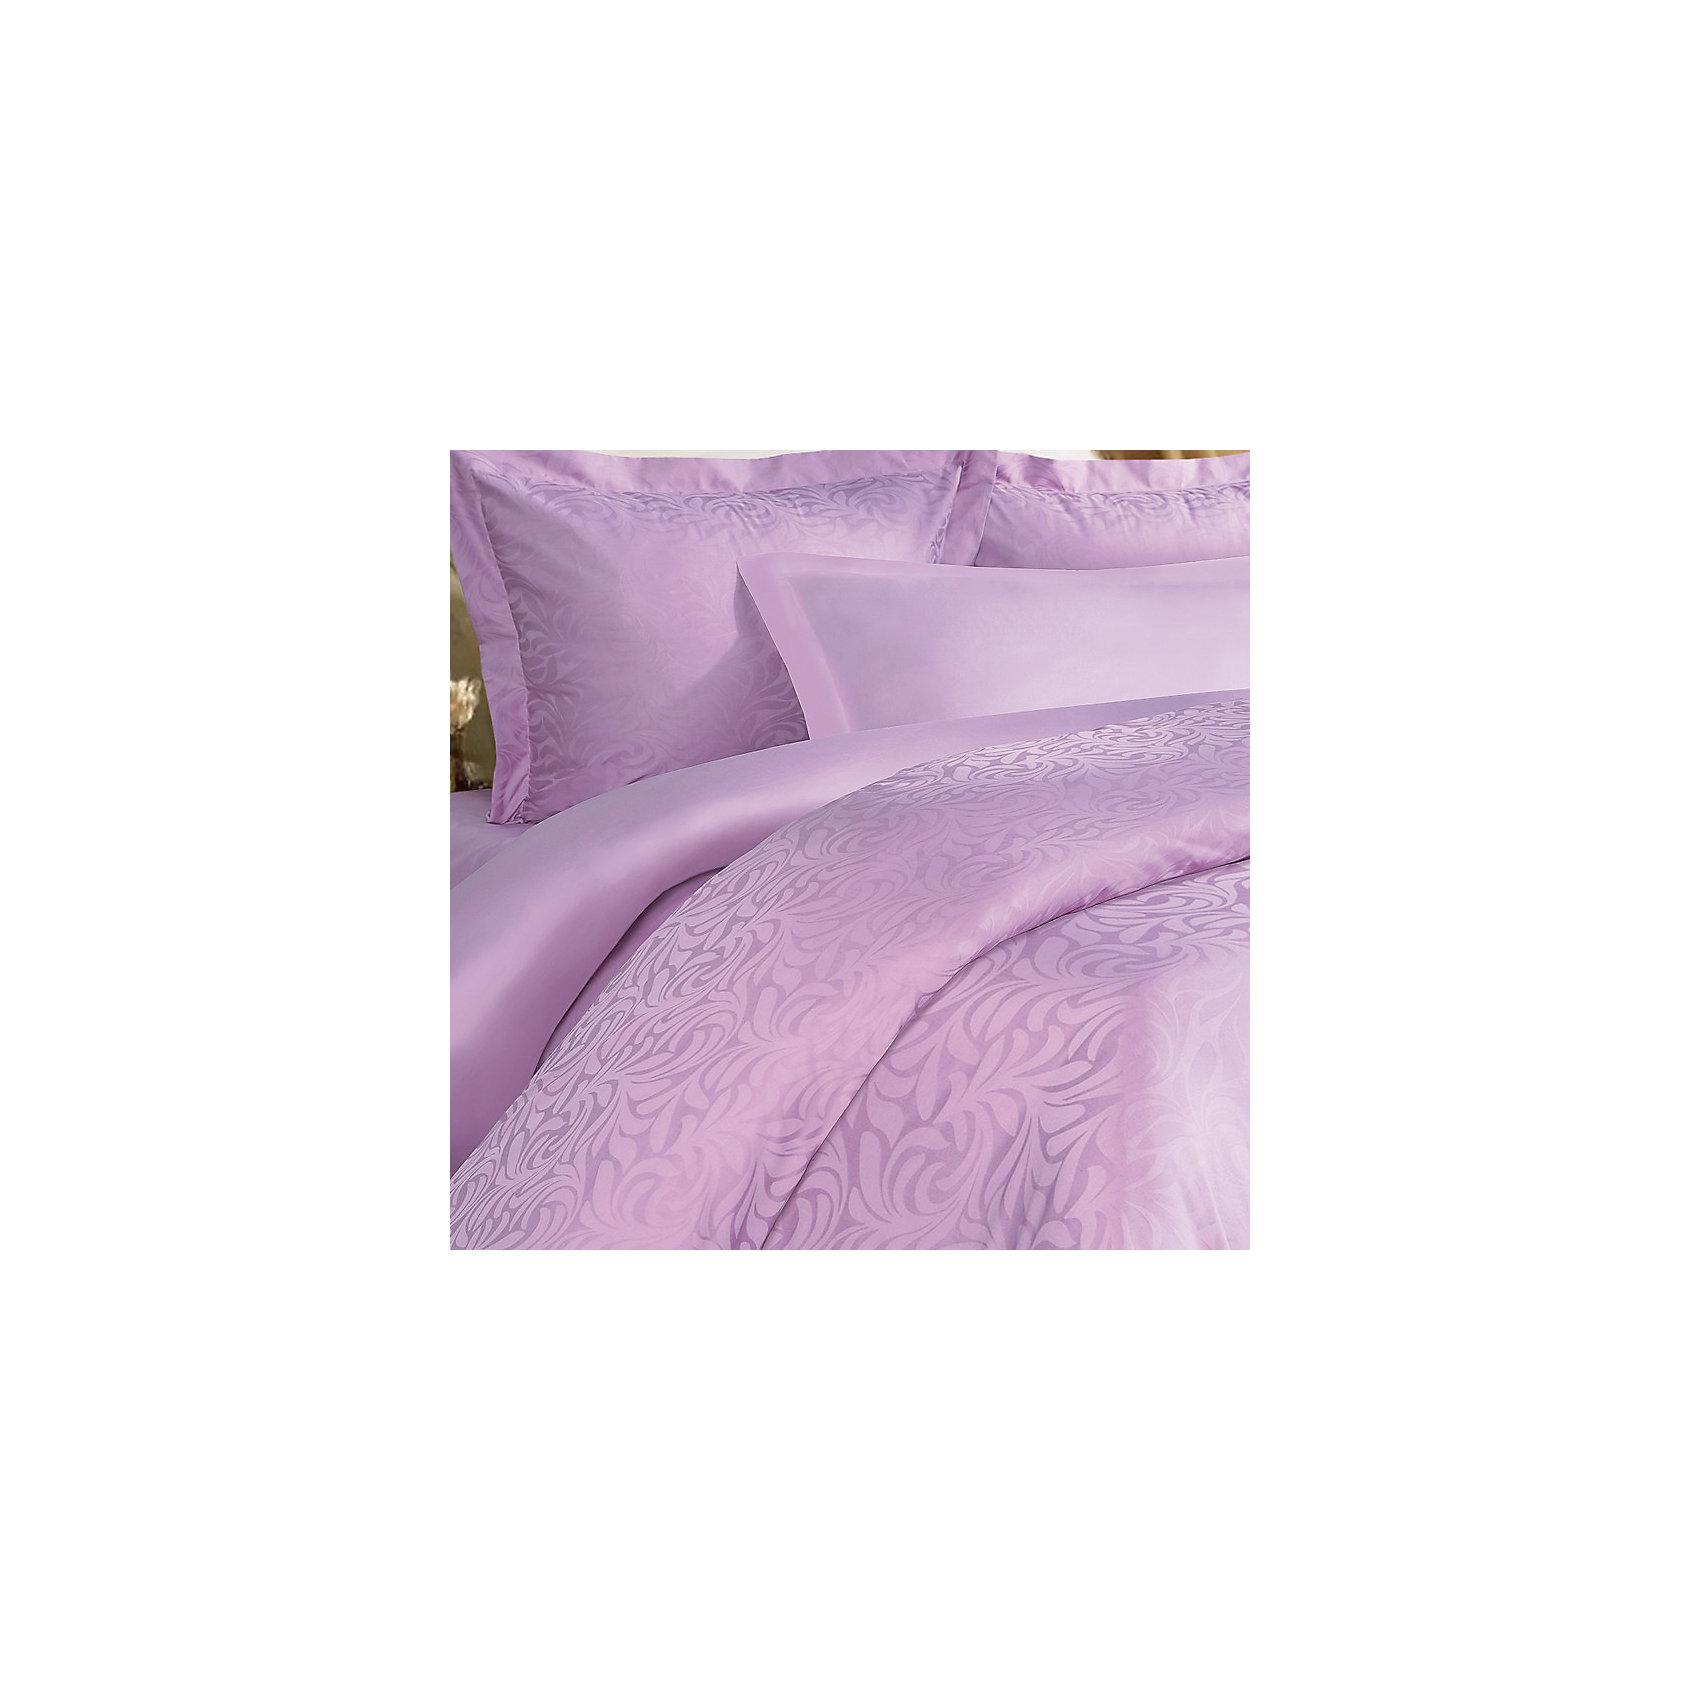 Постельное белье 2 сп Royal волна, Mona Liza, лаванда, нав. 70*70 (2 шт) и 50*70 (2 шт.)Домашний текстиль<br>Характеристики:<br><br>• в комплекте: простыня, пододеяльник, 4 наволочки<br>• материал: сатин-жаккард<br>• состав: 100% хлопок<br>• размер пододеяльника: 175х210 см<br>• размер простыни: 240х215 см<br>• размер наволочек: 70х70 см- 2 шт.; 50х70 см - 2 шт.<br>• размер упаковки: 37х8х29 см<br>• вес: 2200 грамм<br><br>Белье из натурального хлопка имеет опрятный внешний вид, который сохраняется даже после множества стирок. Хлопок не раздражает кожу, обладает высокой гигроскопичностью и воздухопроницаемостью. Спать на таком белье очень приятно и комфортно.<br><br>Постельное белье 2 сп Royal волна, Mona Liza (Мона Лиза), лаванда, нав. 70*70 (2 шт) и 50*70 (2 шт.) вы можете купить в нашем интернет-магазине.<br><br>Ширина мм: 290<br>Глубина мм: 80<br>Высота мм: 370<br>Вес г: 2200<br>Возраст от месяцев: 144<br>Возраст до месяцев: 600<br>Пол: Унисекс<br>Возраст: Детский<br>SKU: 6765280